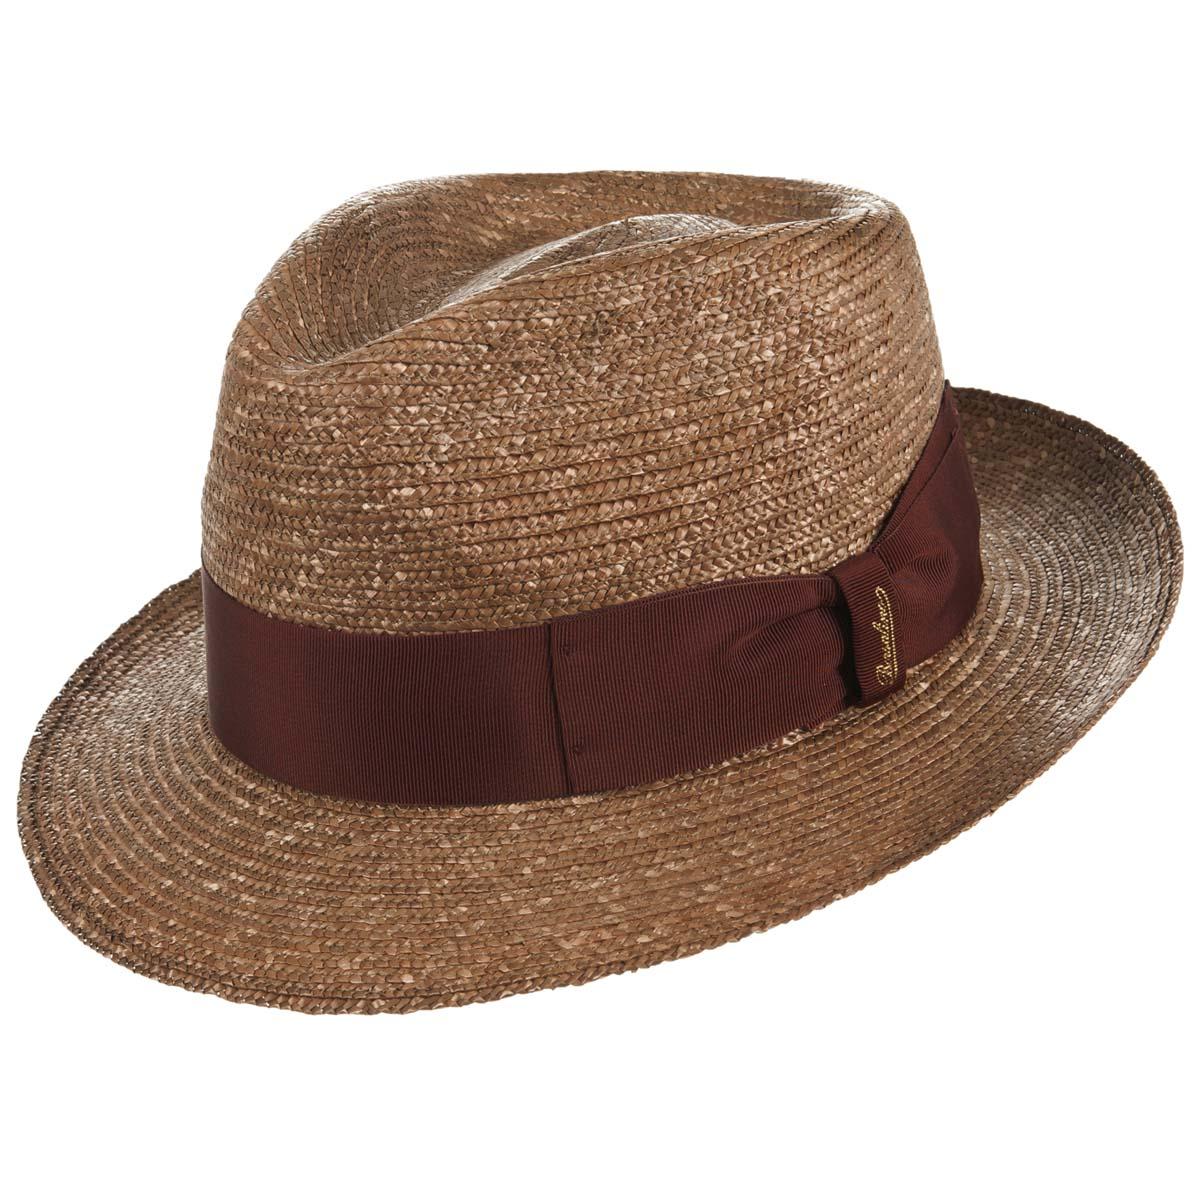 Cappello BORSALINO a tesa piccola ... 7b1d6782a0ce